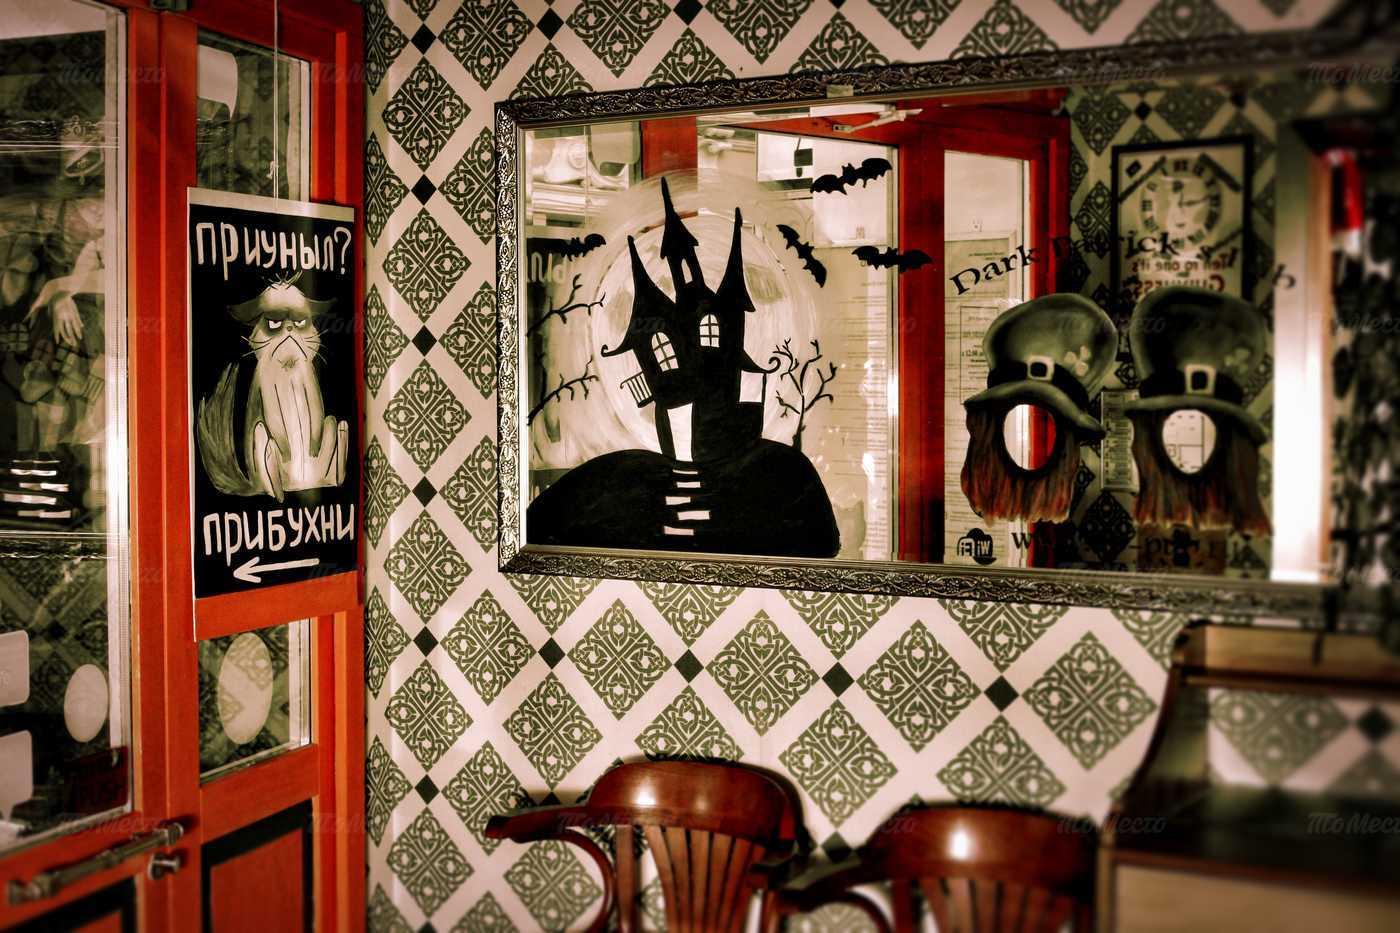 Паб Dark Patrick's (Дарк патрик) в Большом Златоустинском переулке фото 3